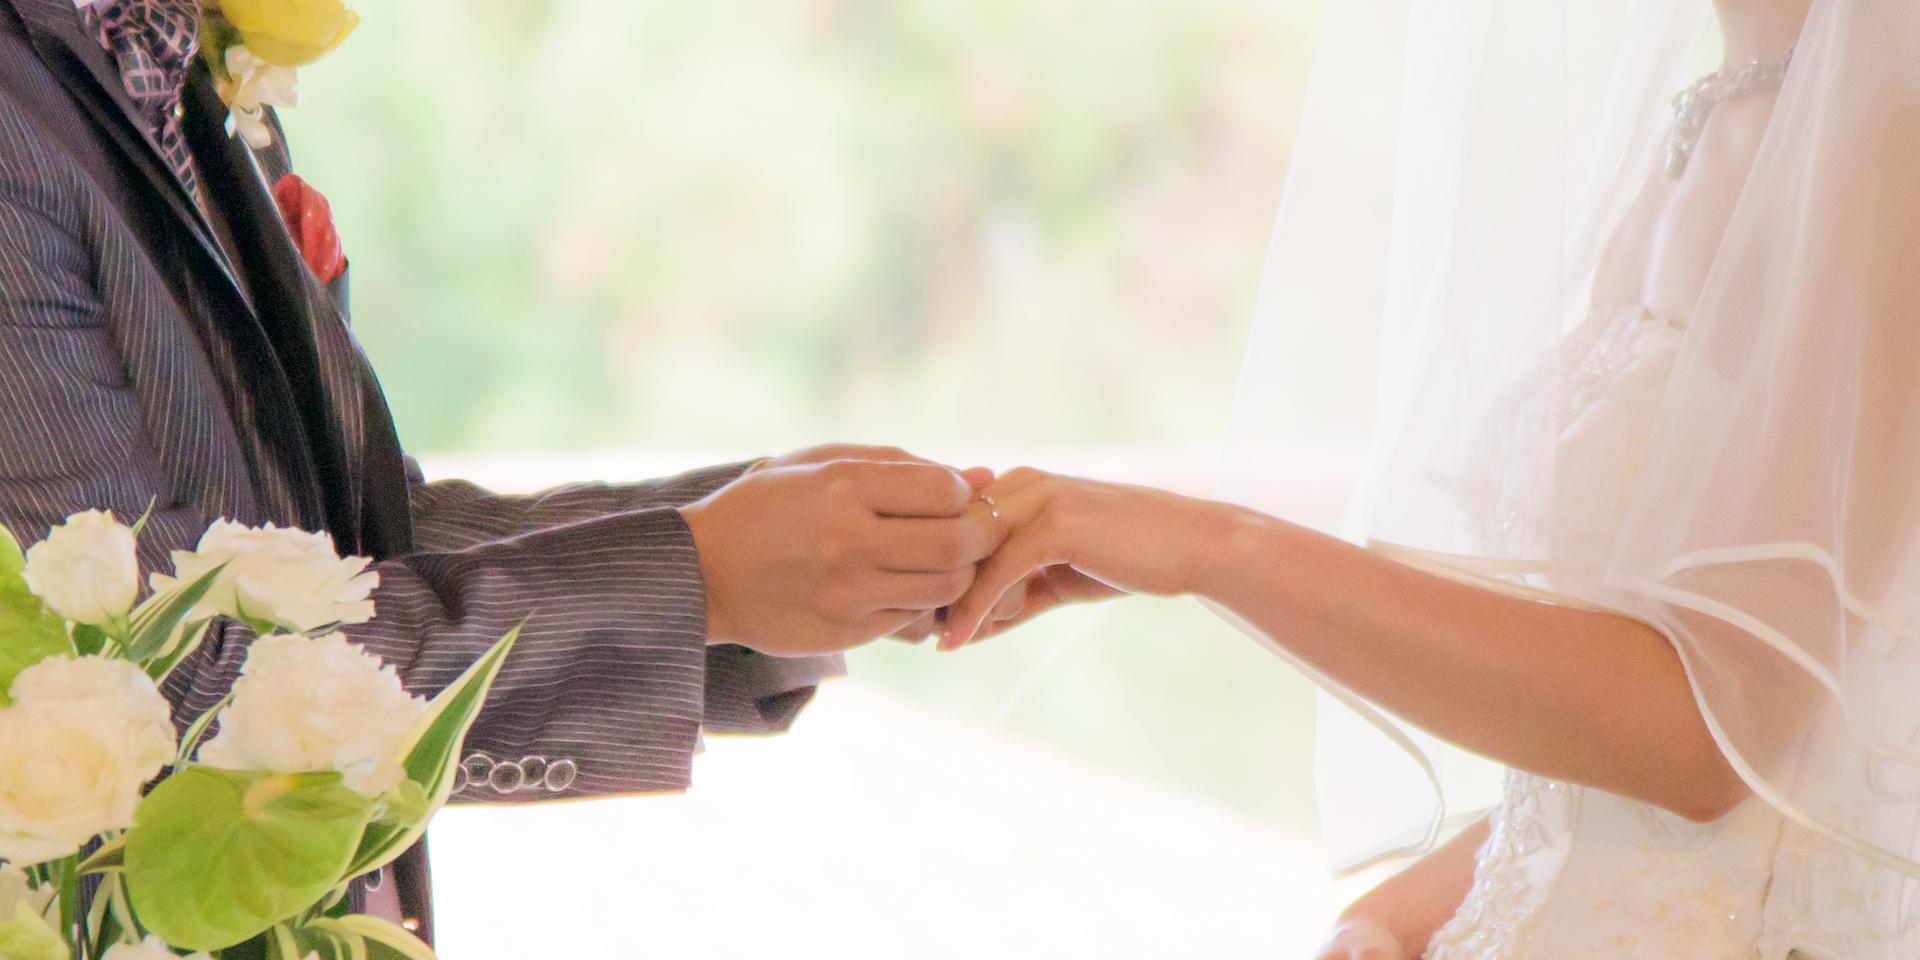 福島県(福島・郡山)の結婚相談所・婚活・お見合いパーティならフォーエバーアオバ企画